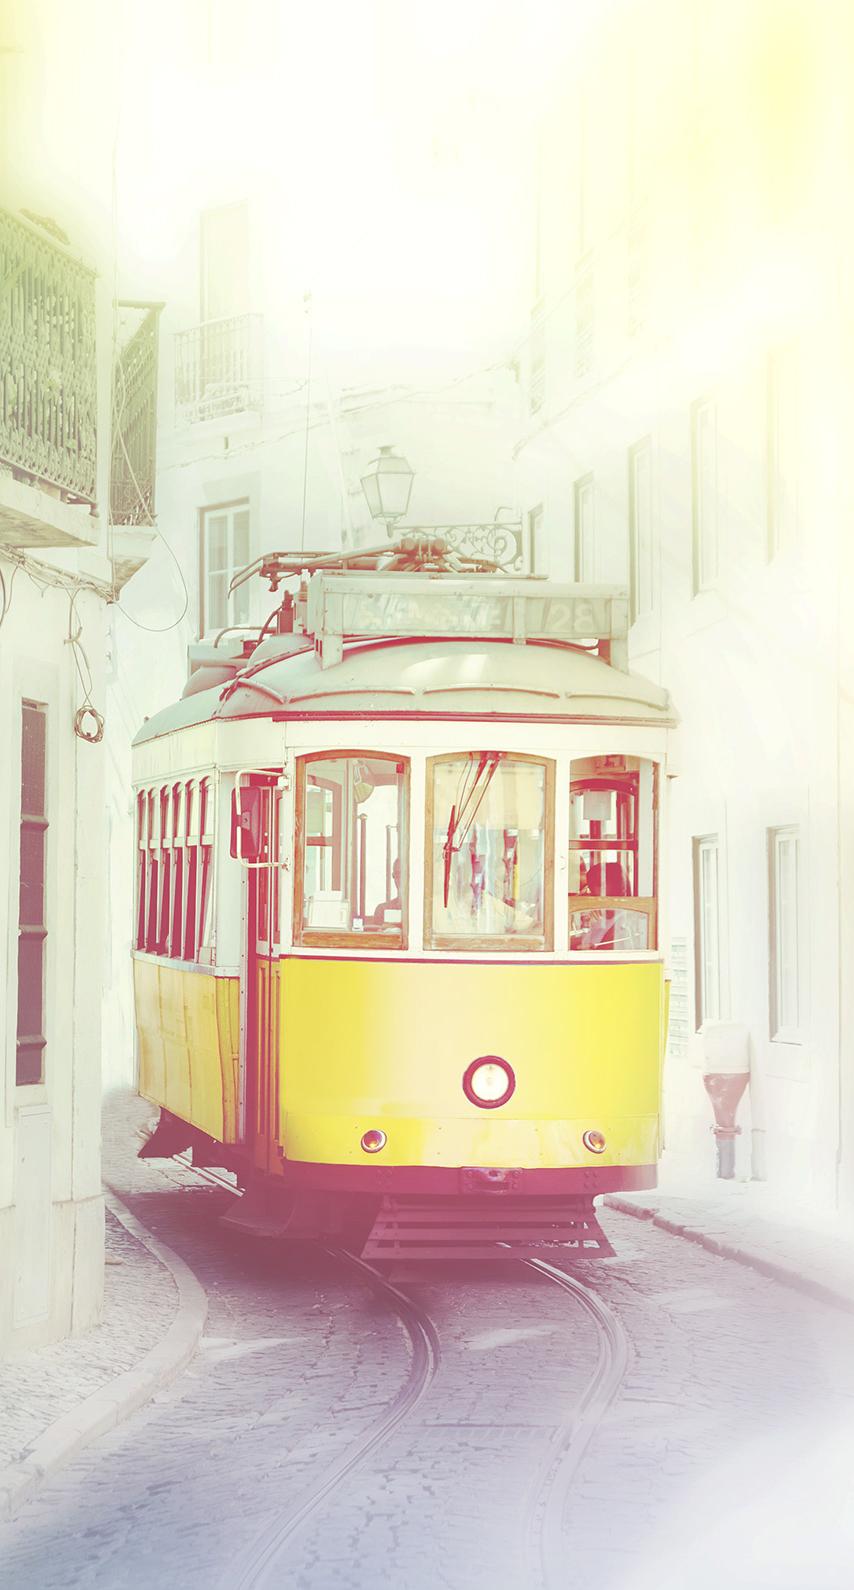 railroad track, tramway